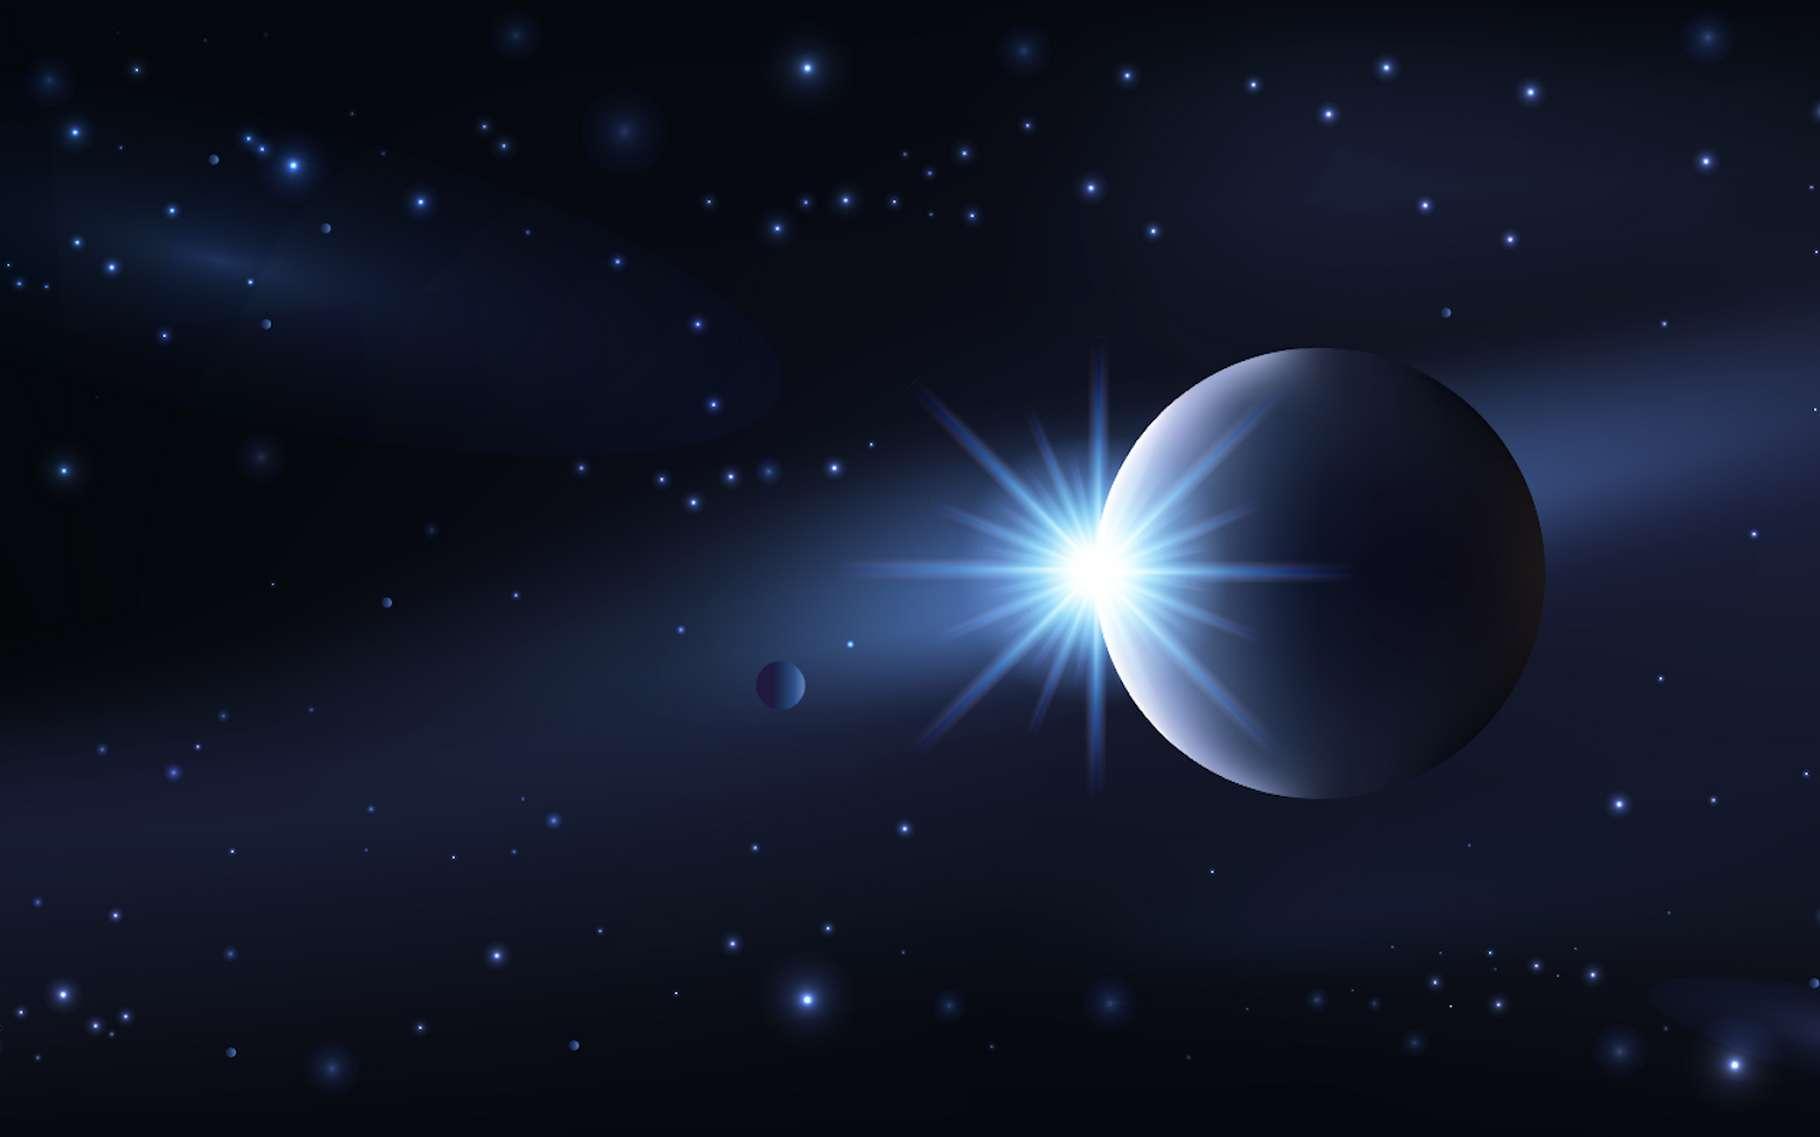 Des chercheurs de l'université de Warwick (Royaume-Uni) ont retrouvé un « monde perdu », une exoplanète dont l'existence n'avait pas pu être confirmée jusqu'ici. © pict rider, Adobe Stock